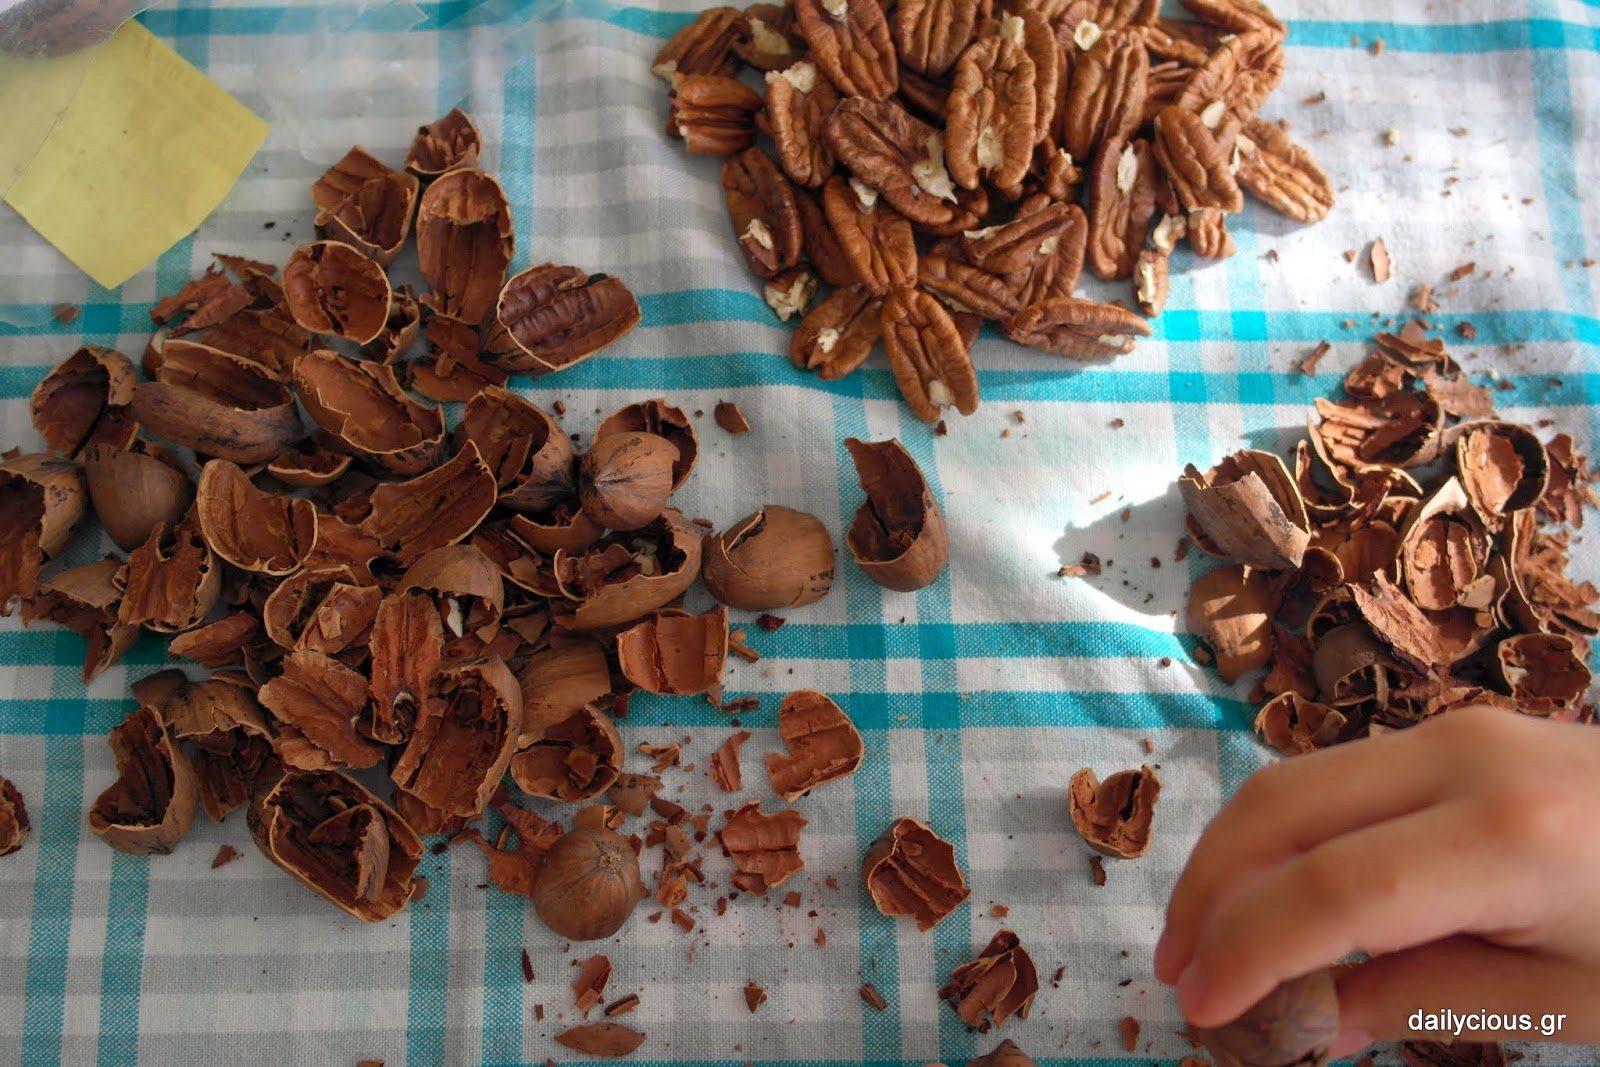 Καθαρίζω τα καρύδια πεκάν (pecan).